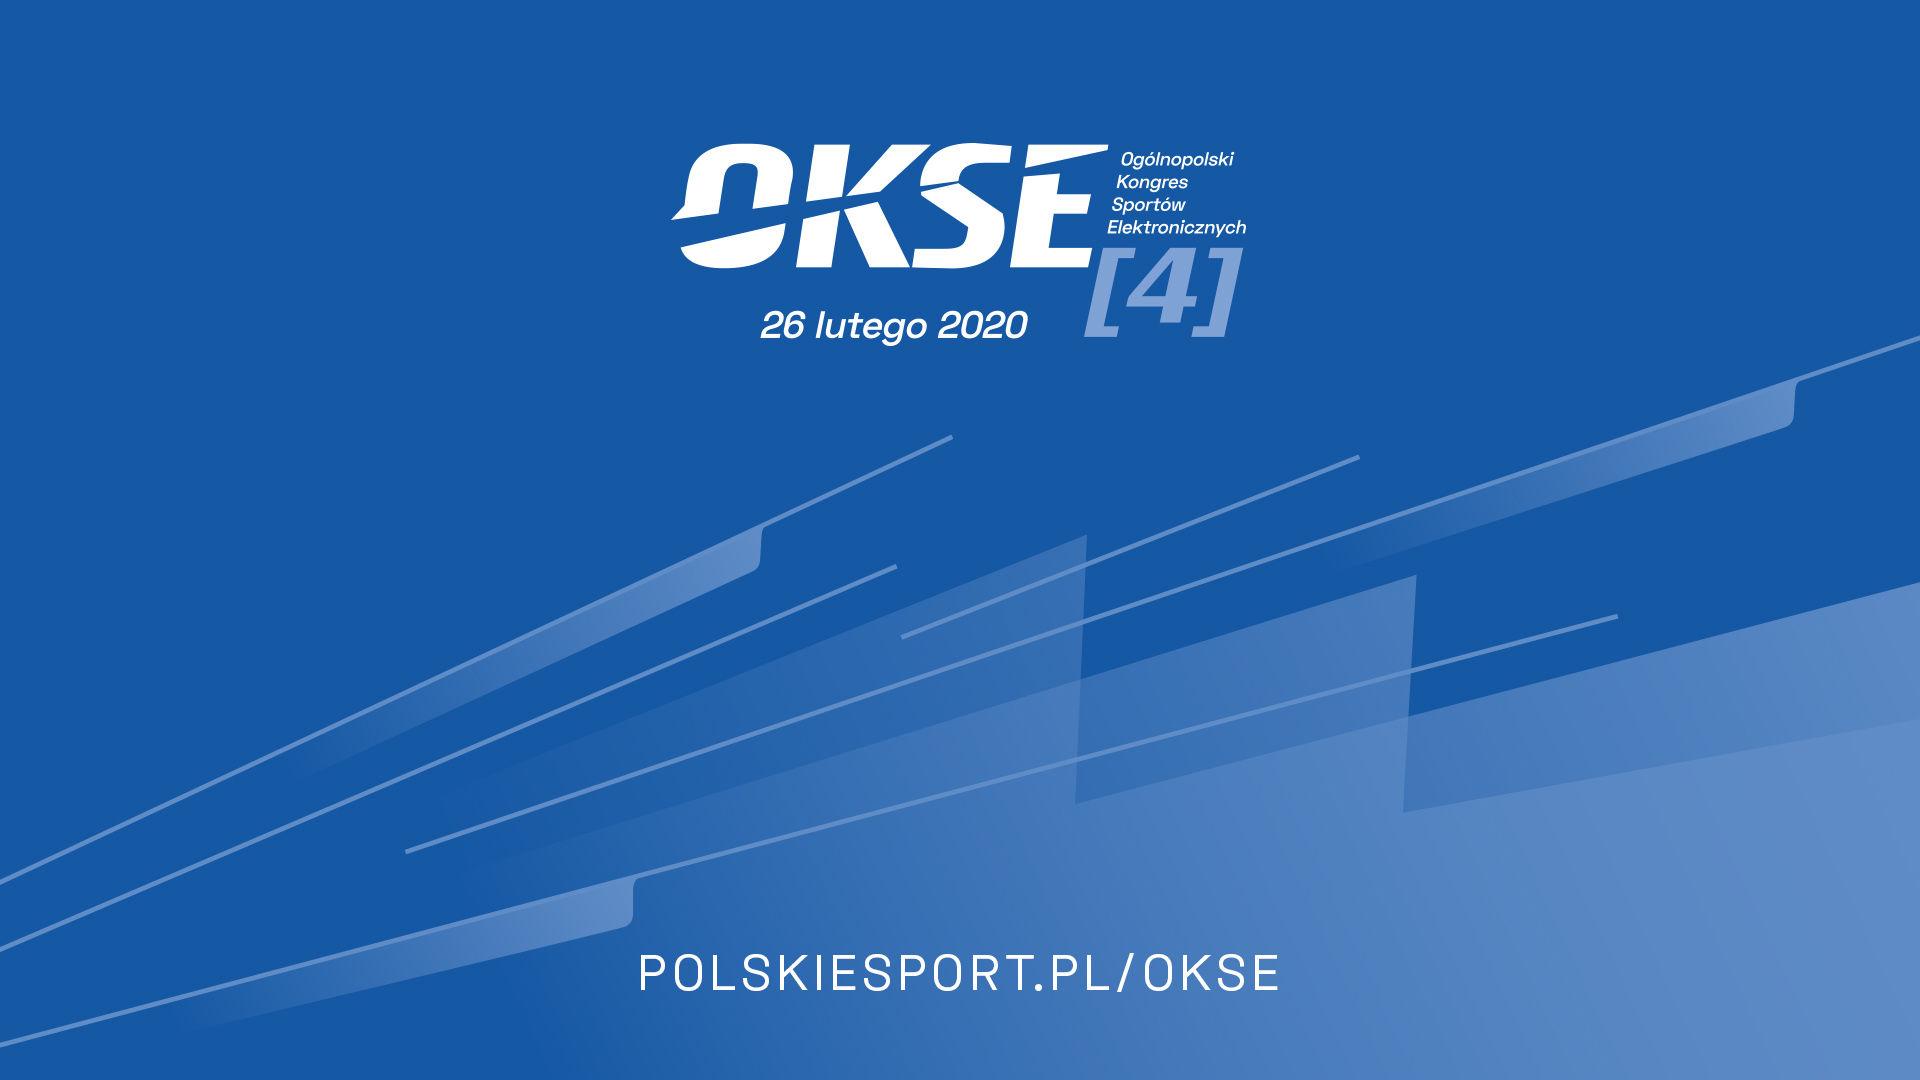 4. Ogólnopolski Kongres Sportów Elektronicznych w Katowicach 1